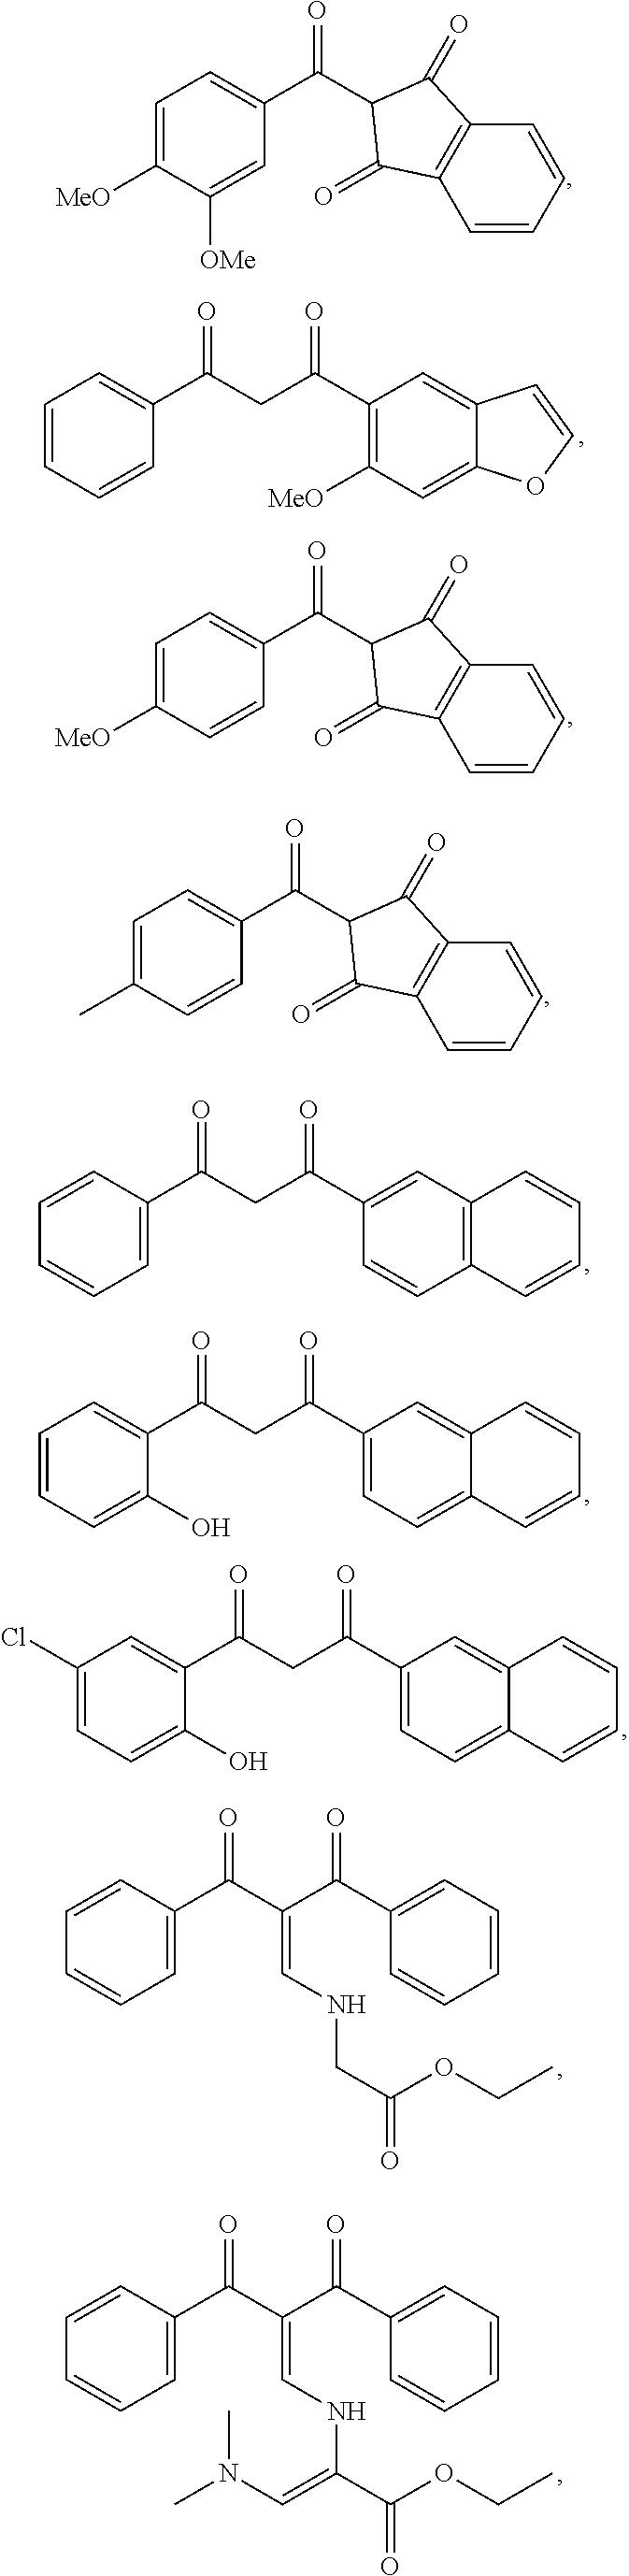 Figure US07955861-20110607-C00033